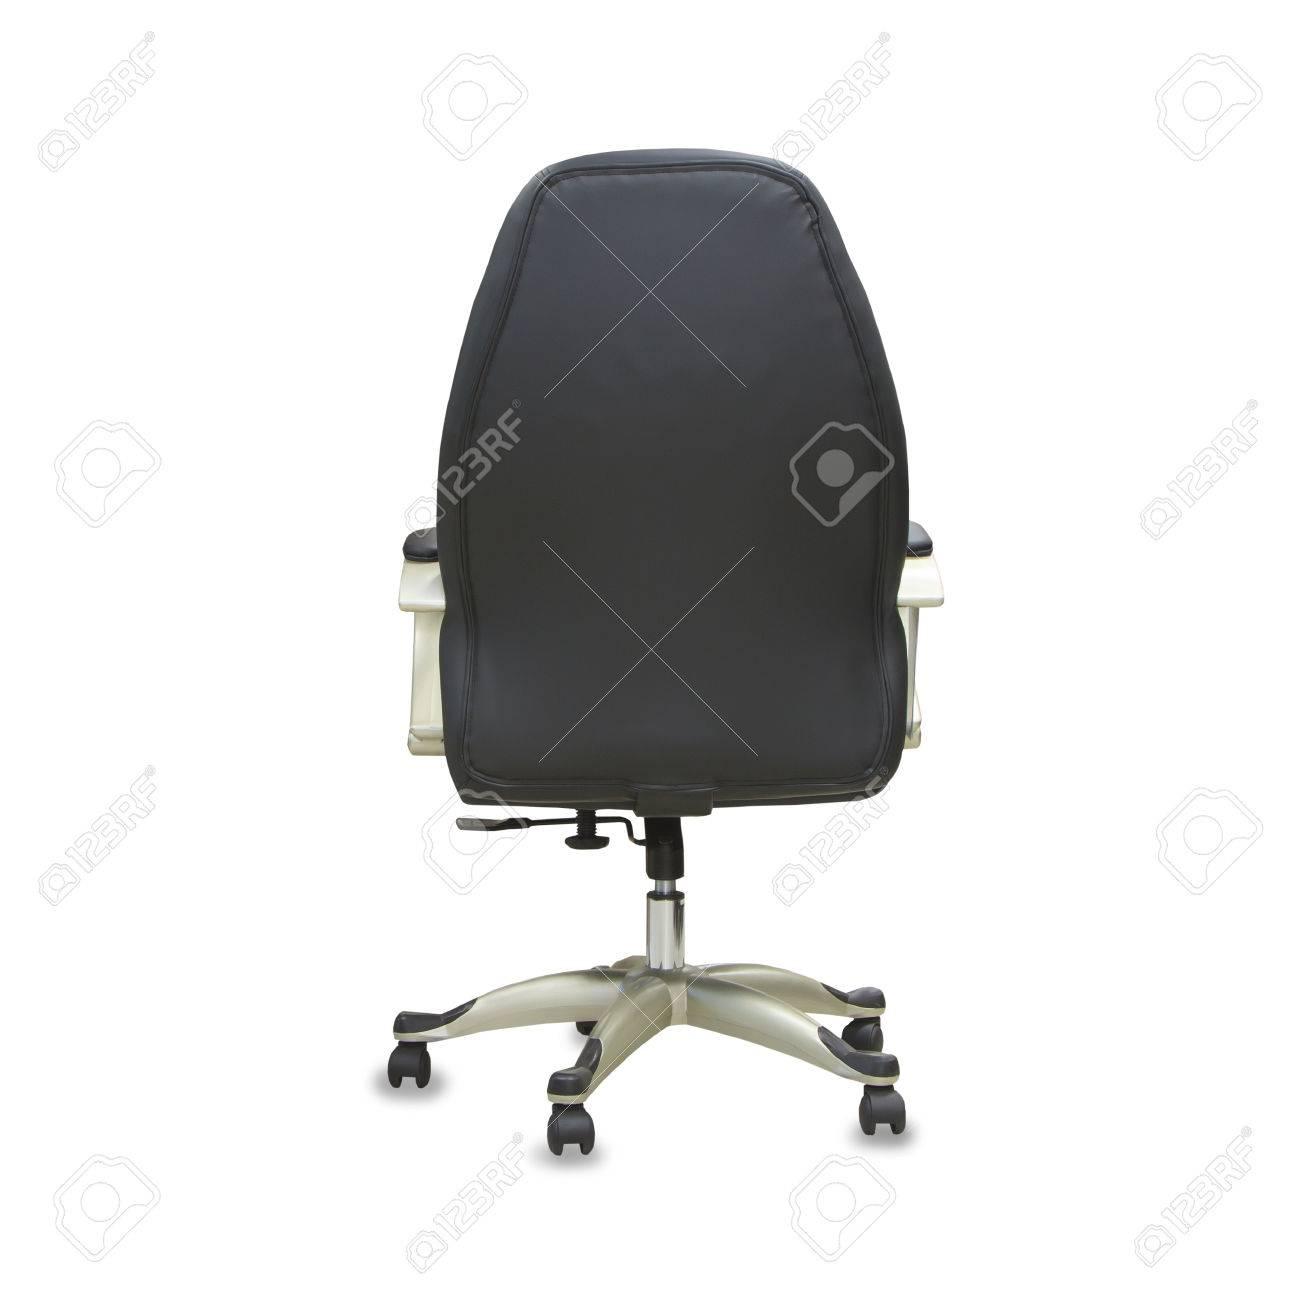 Vue De Dos La Chaise Bureau Moderne Cuir Noir Isol Banque